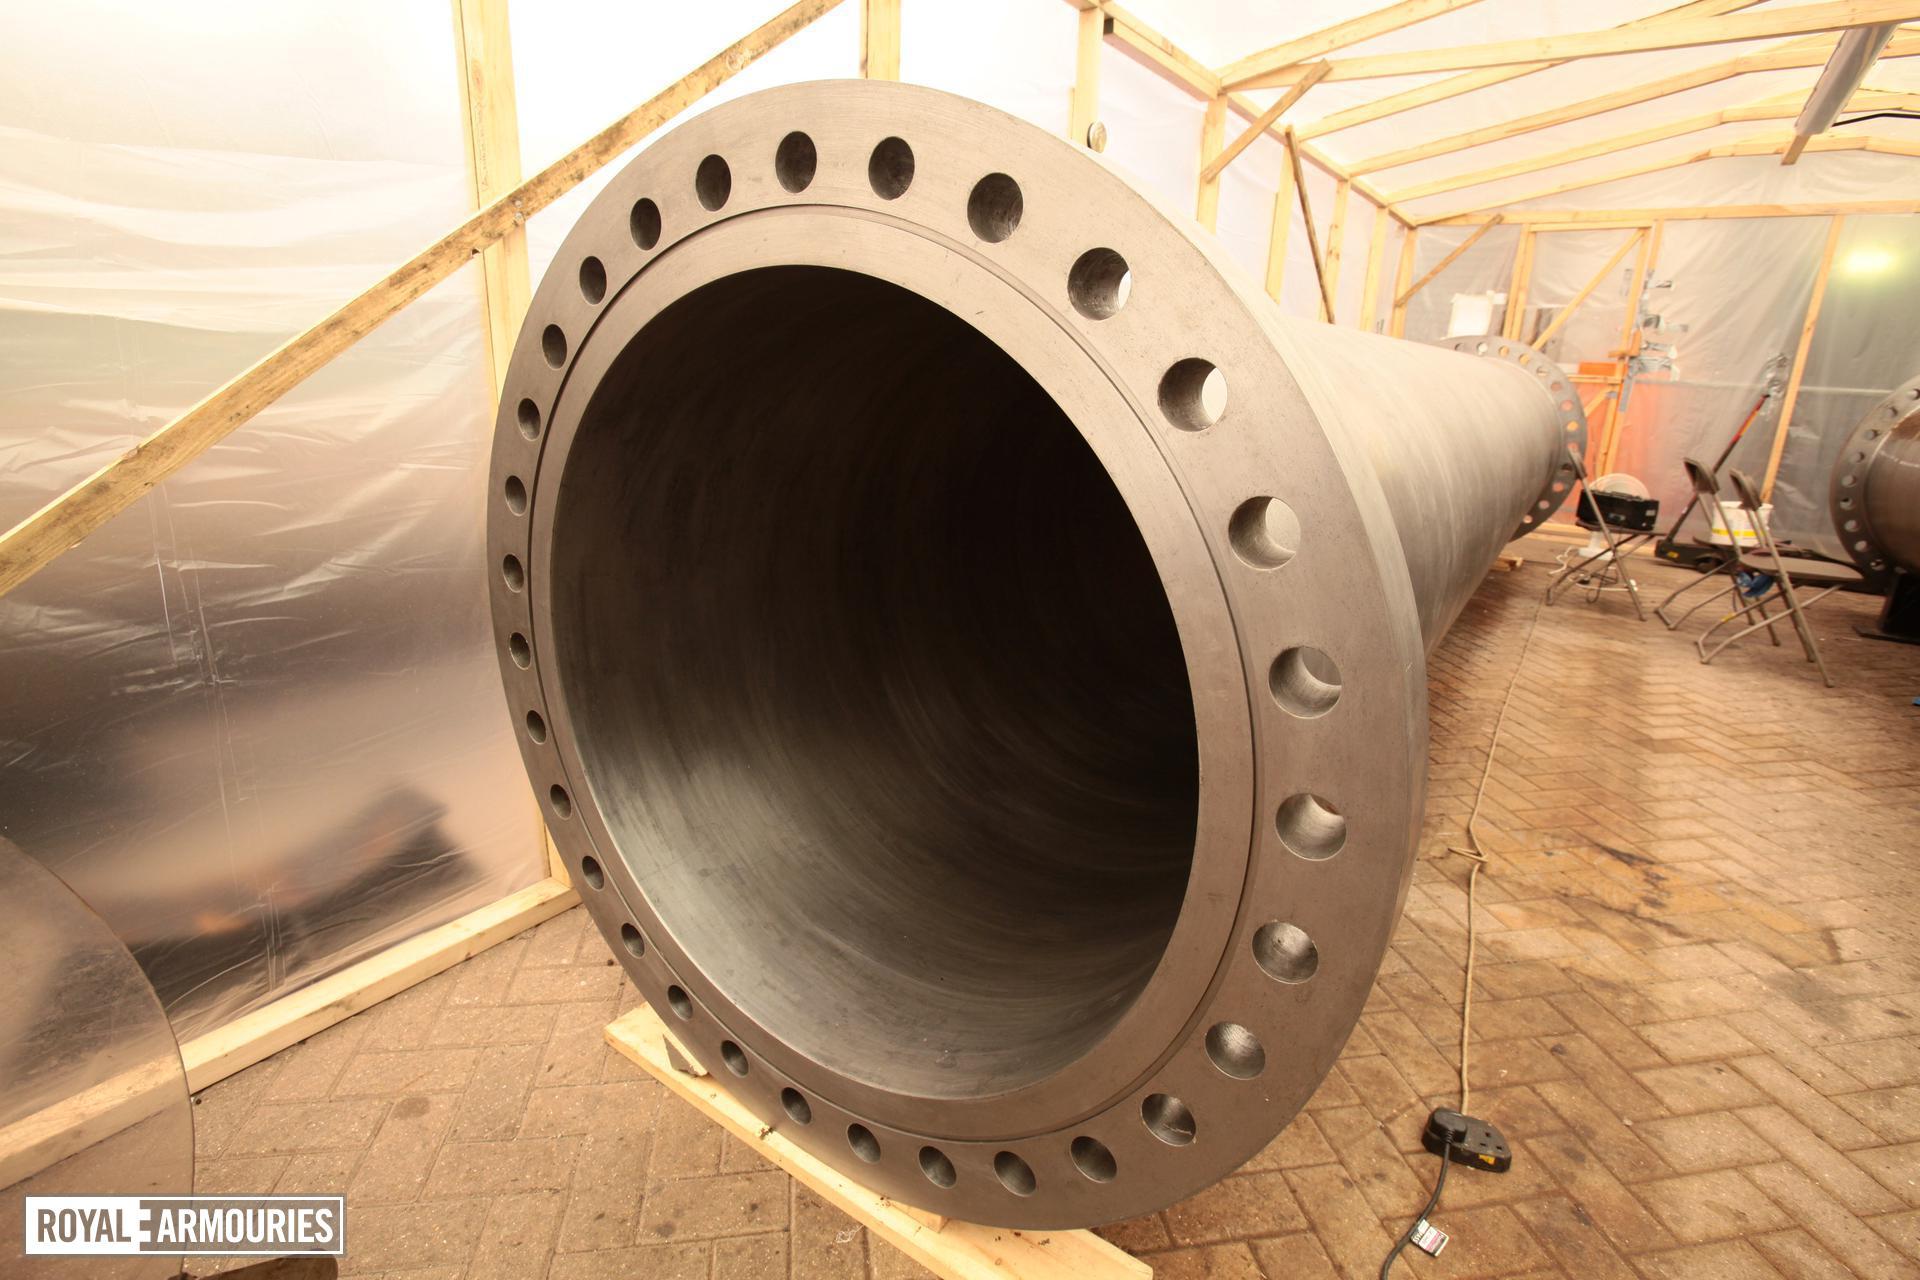 Tube - Supergun tube